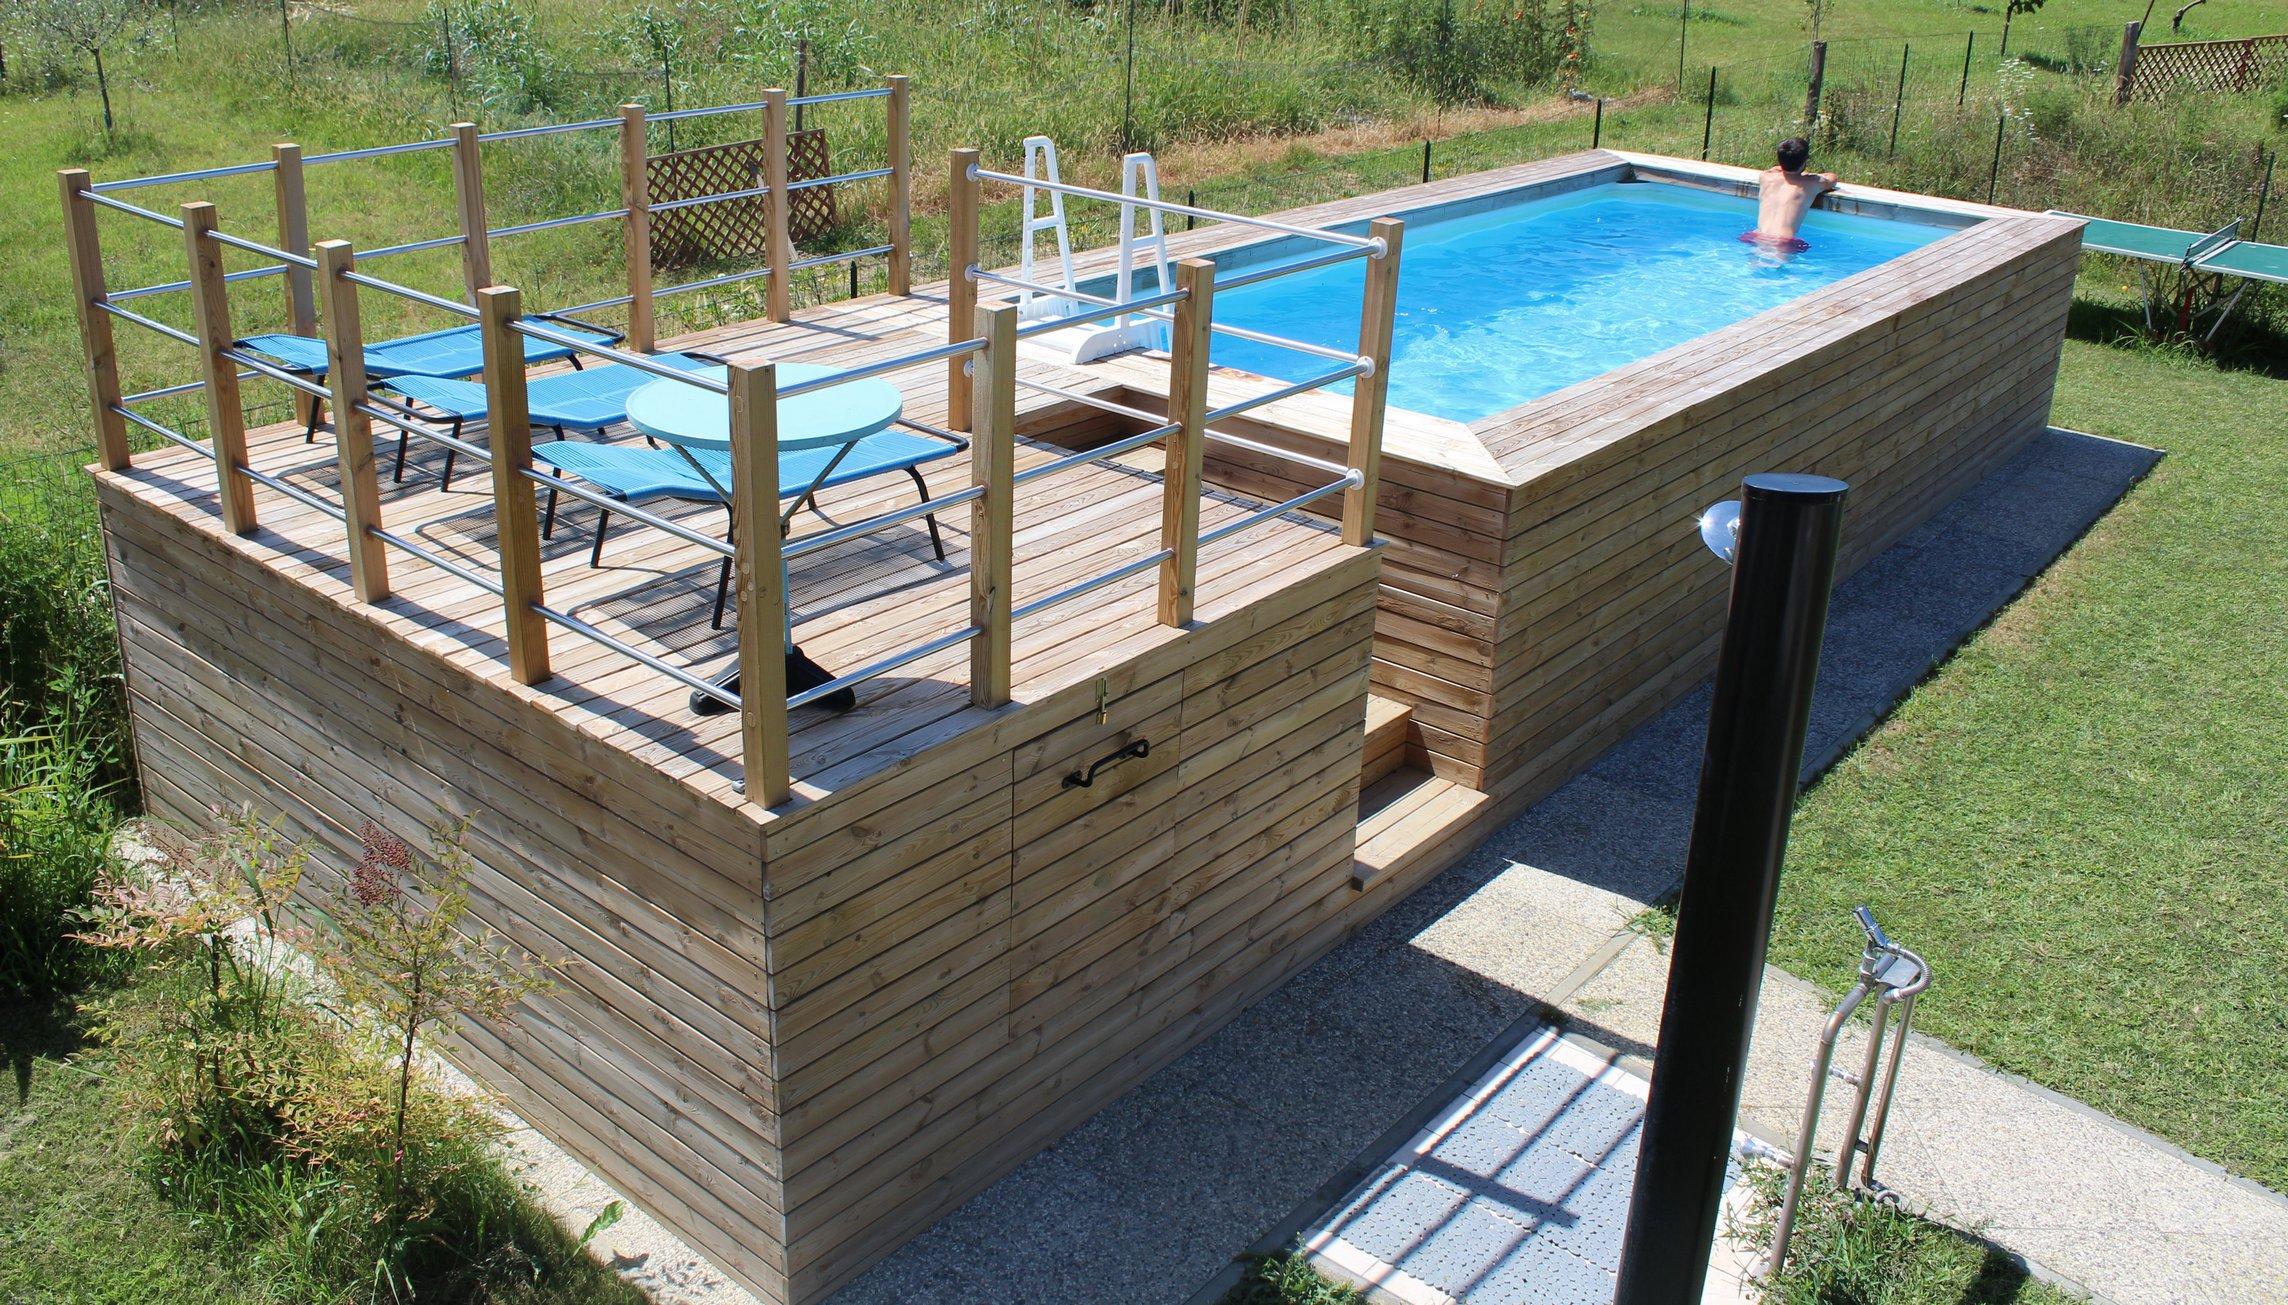 Piscina fuori terra con soppalco rivestita in legno di abete for Scopa per piscina